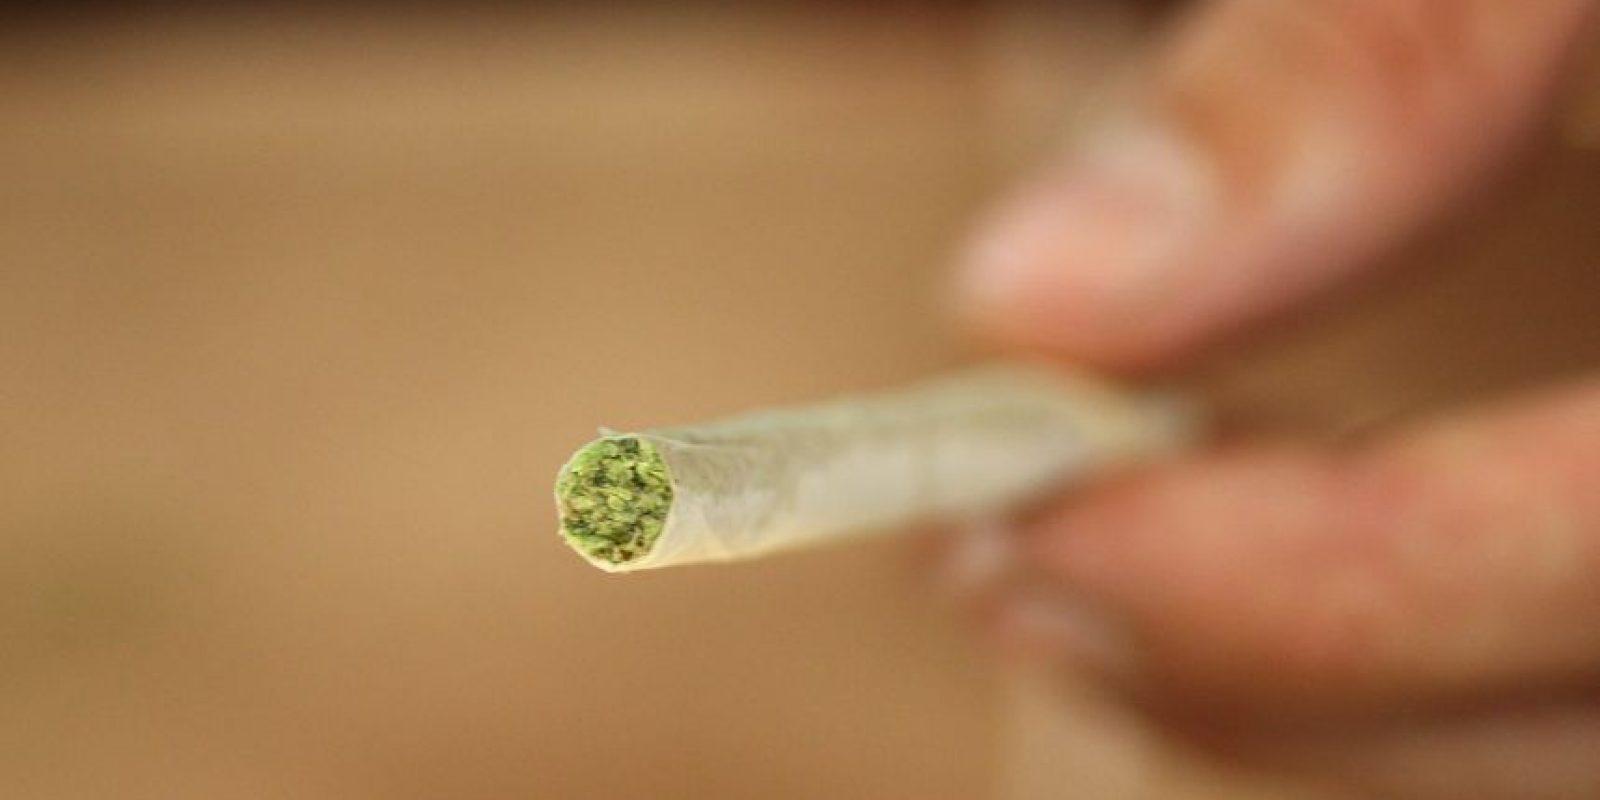 Investigadores estadounidenses revelaron que el ingrediente psicoactivo de la marihuana, el tetrahidrocarbocannabinol (THC), protege el tejido inmune en el intestino de los efectos dañinos del VIH, según el estudio Publicado en AIDS Research and Human Retroviruses. Foto:Getty Images